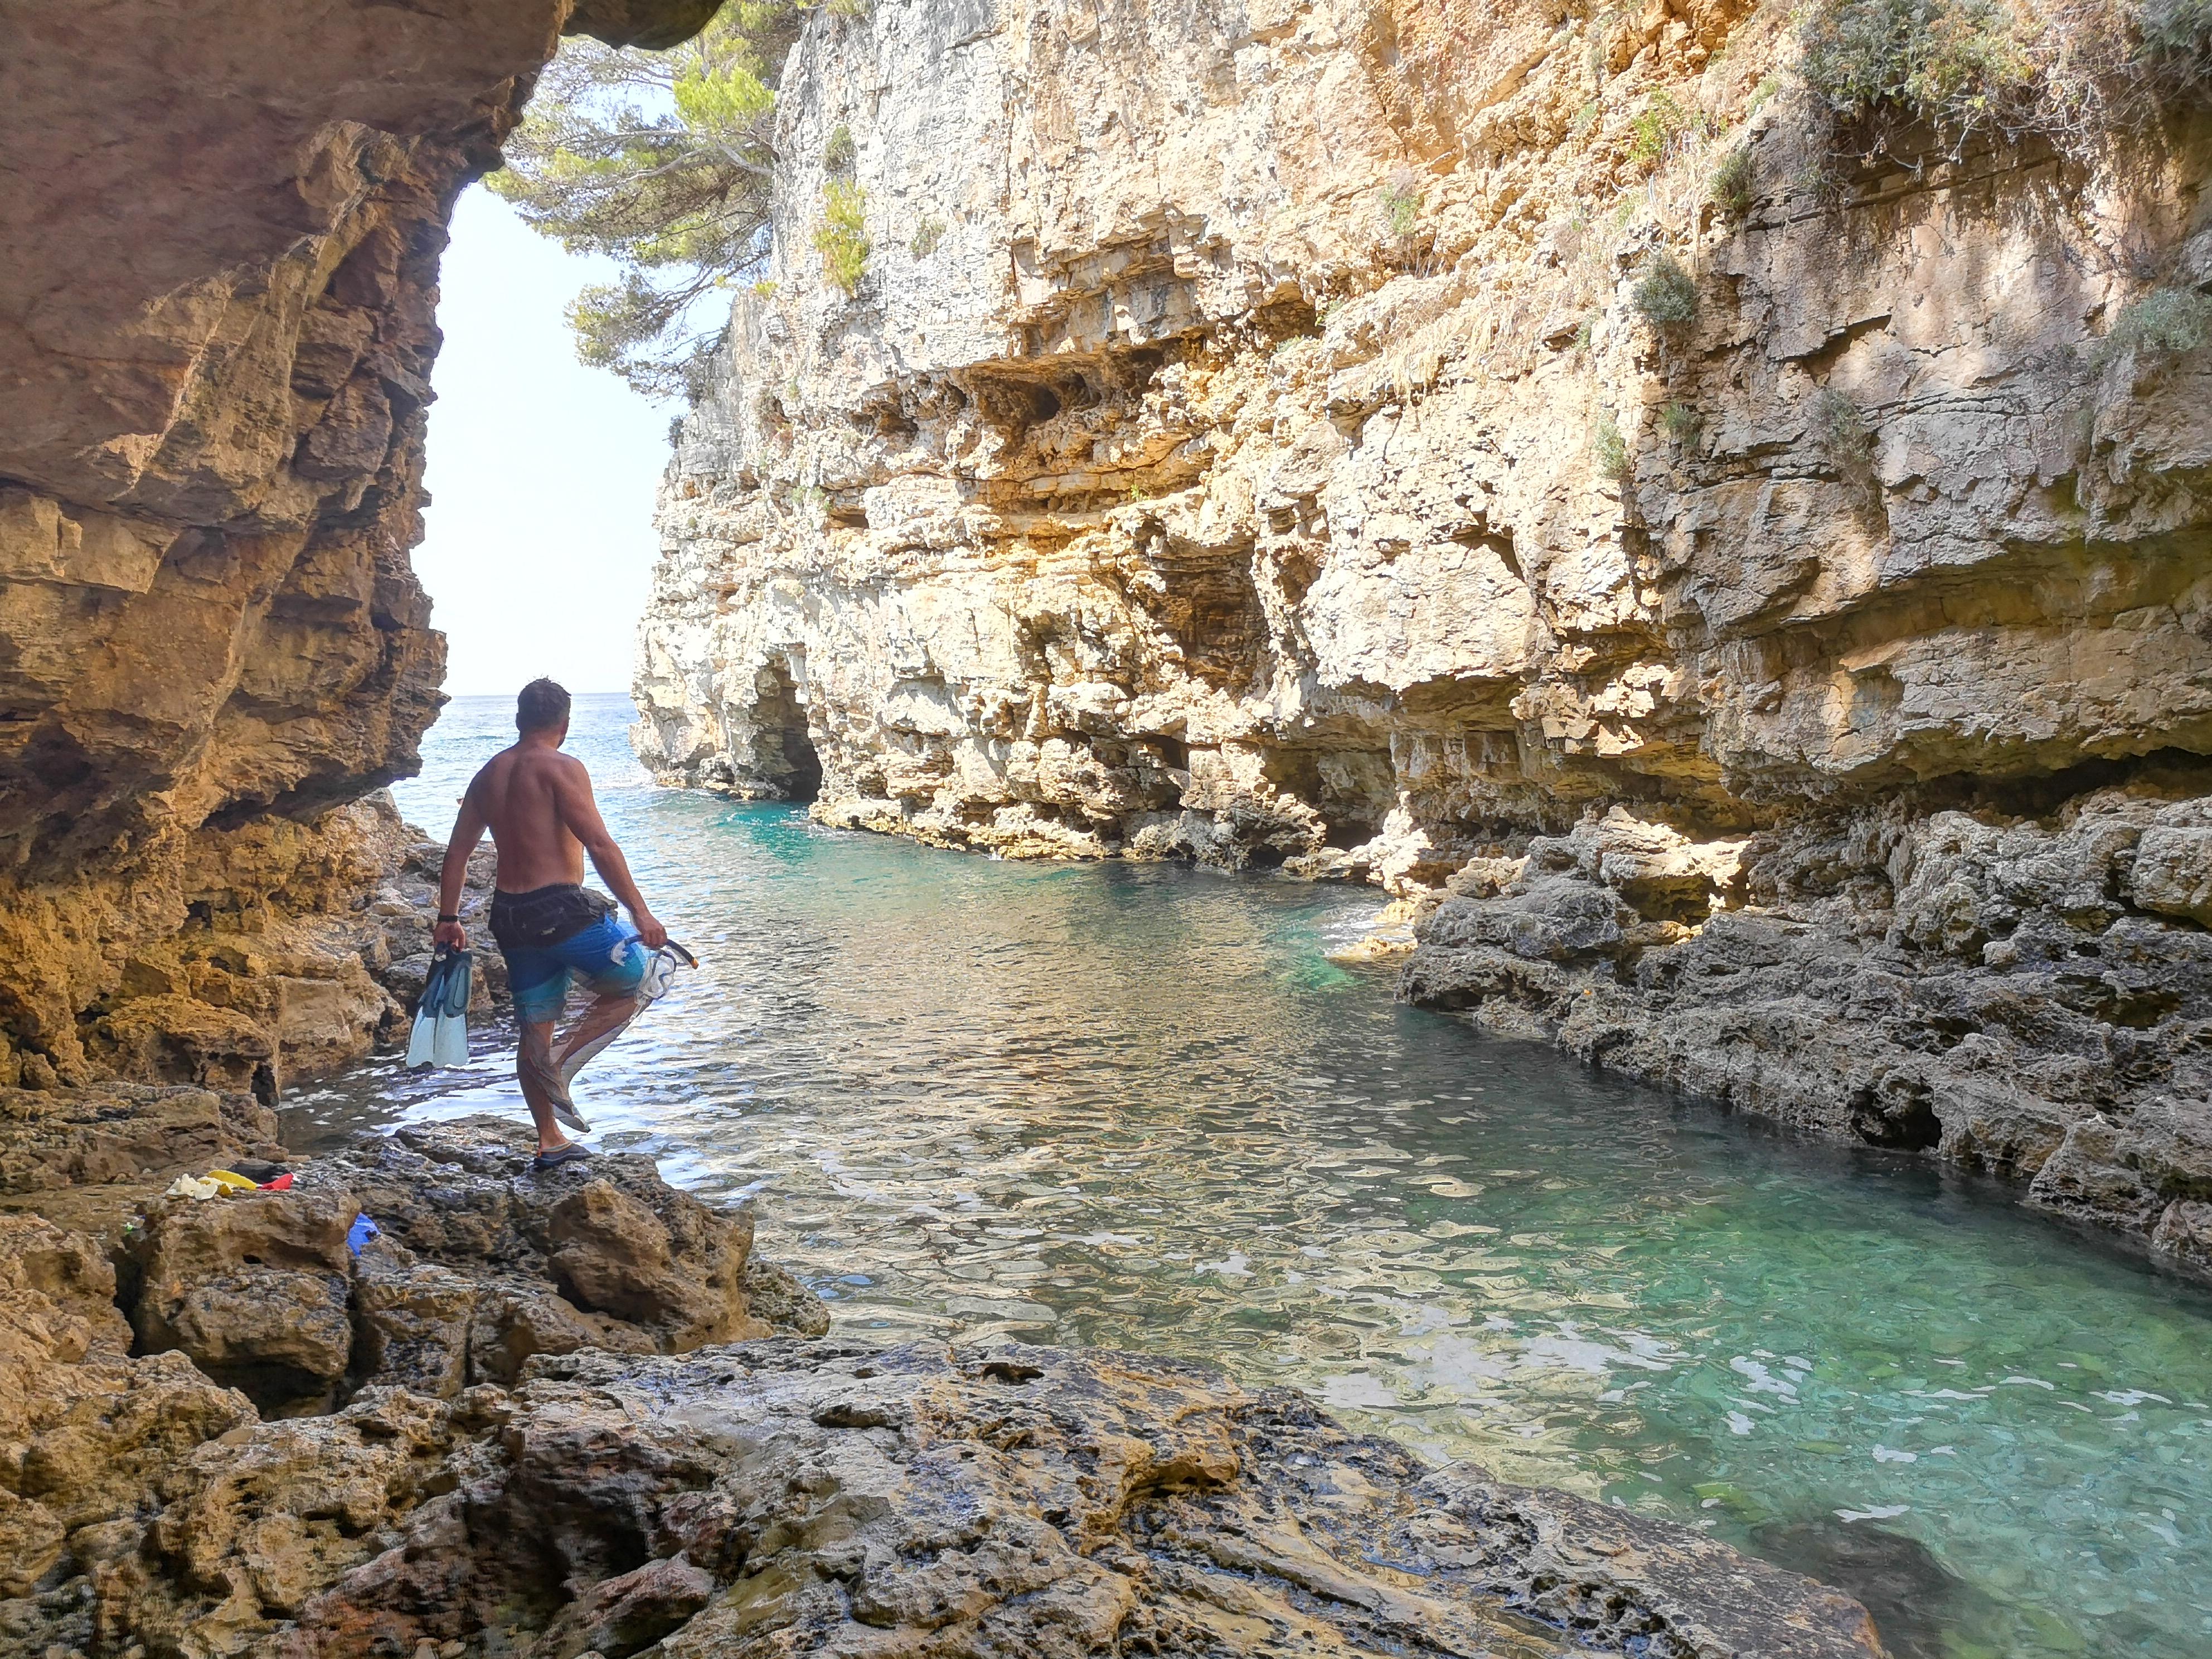 kanion Velureda obok Puli - świetne miejsce na nurkowanie